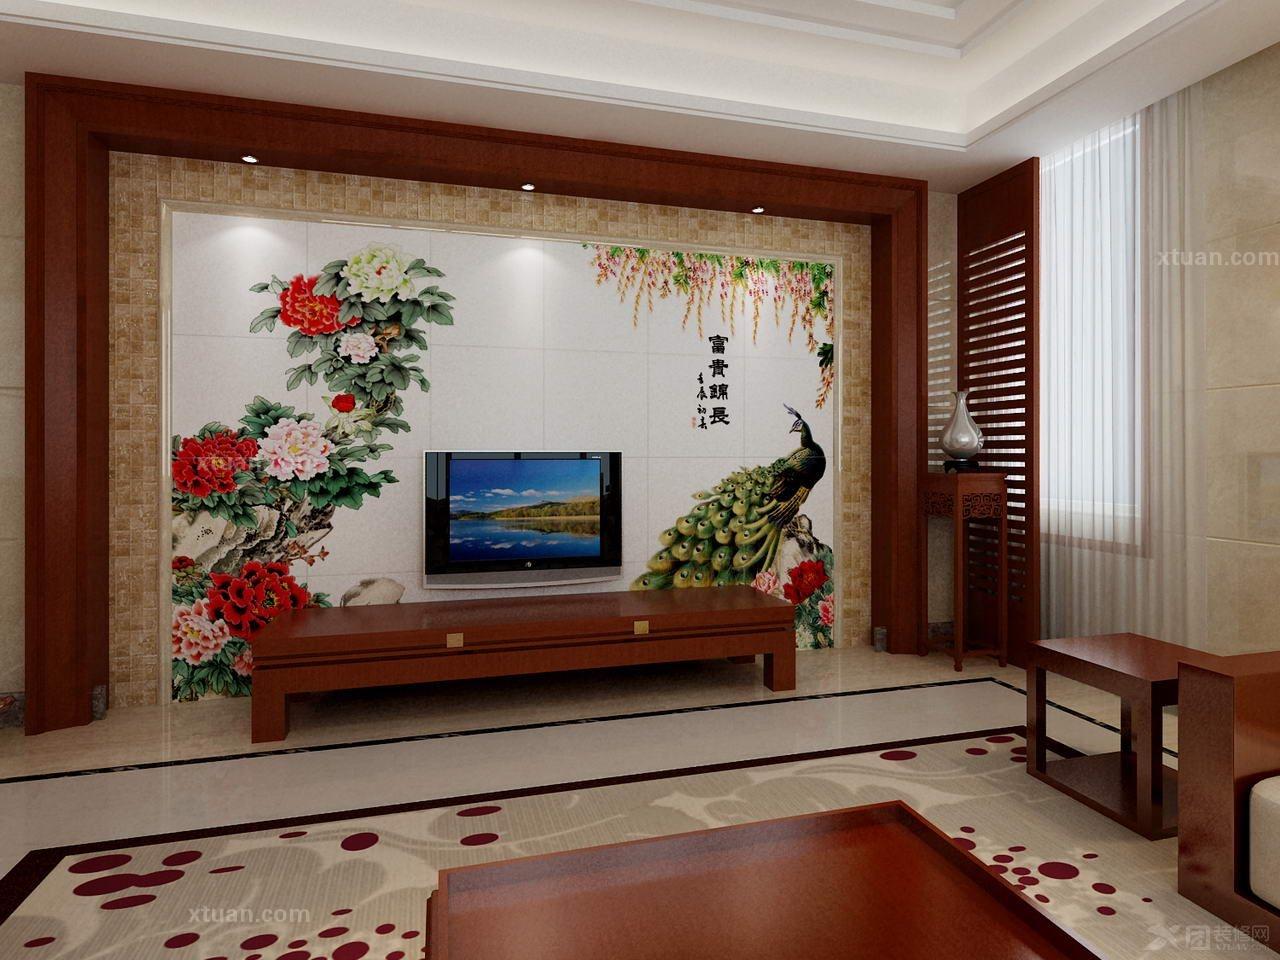 客厅装修-电视背景墙-优嗬艺术瓷砖背景墙-富贵锦长